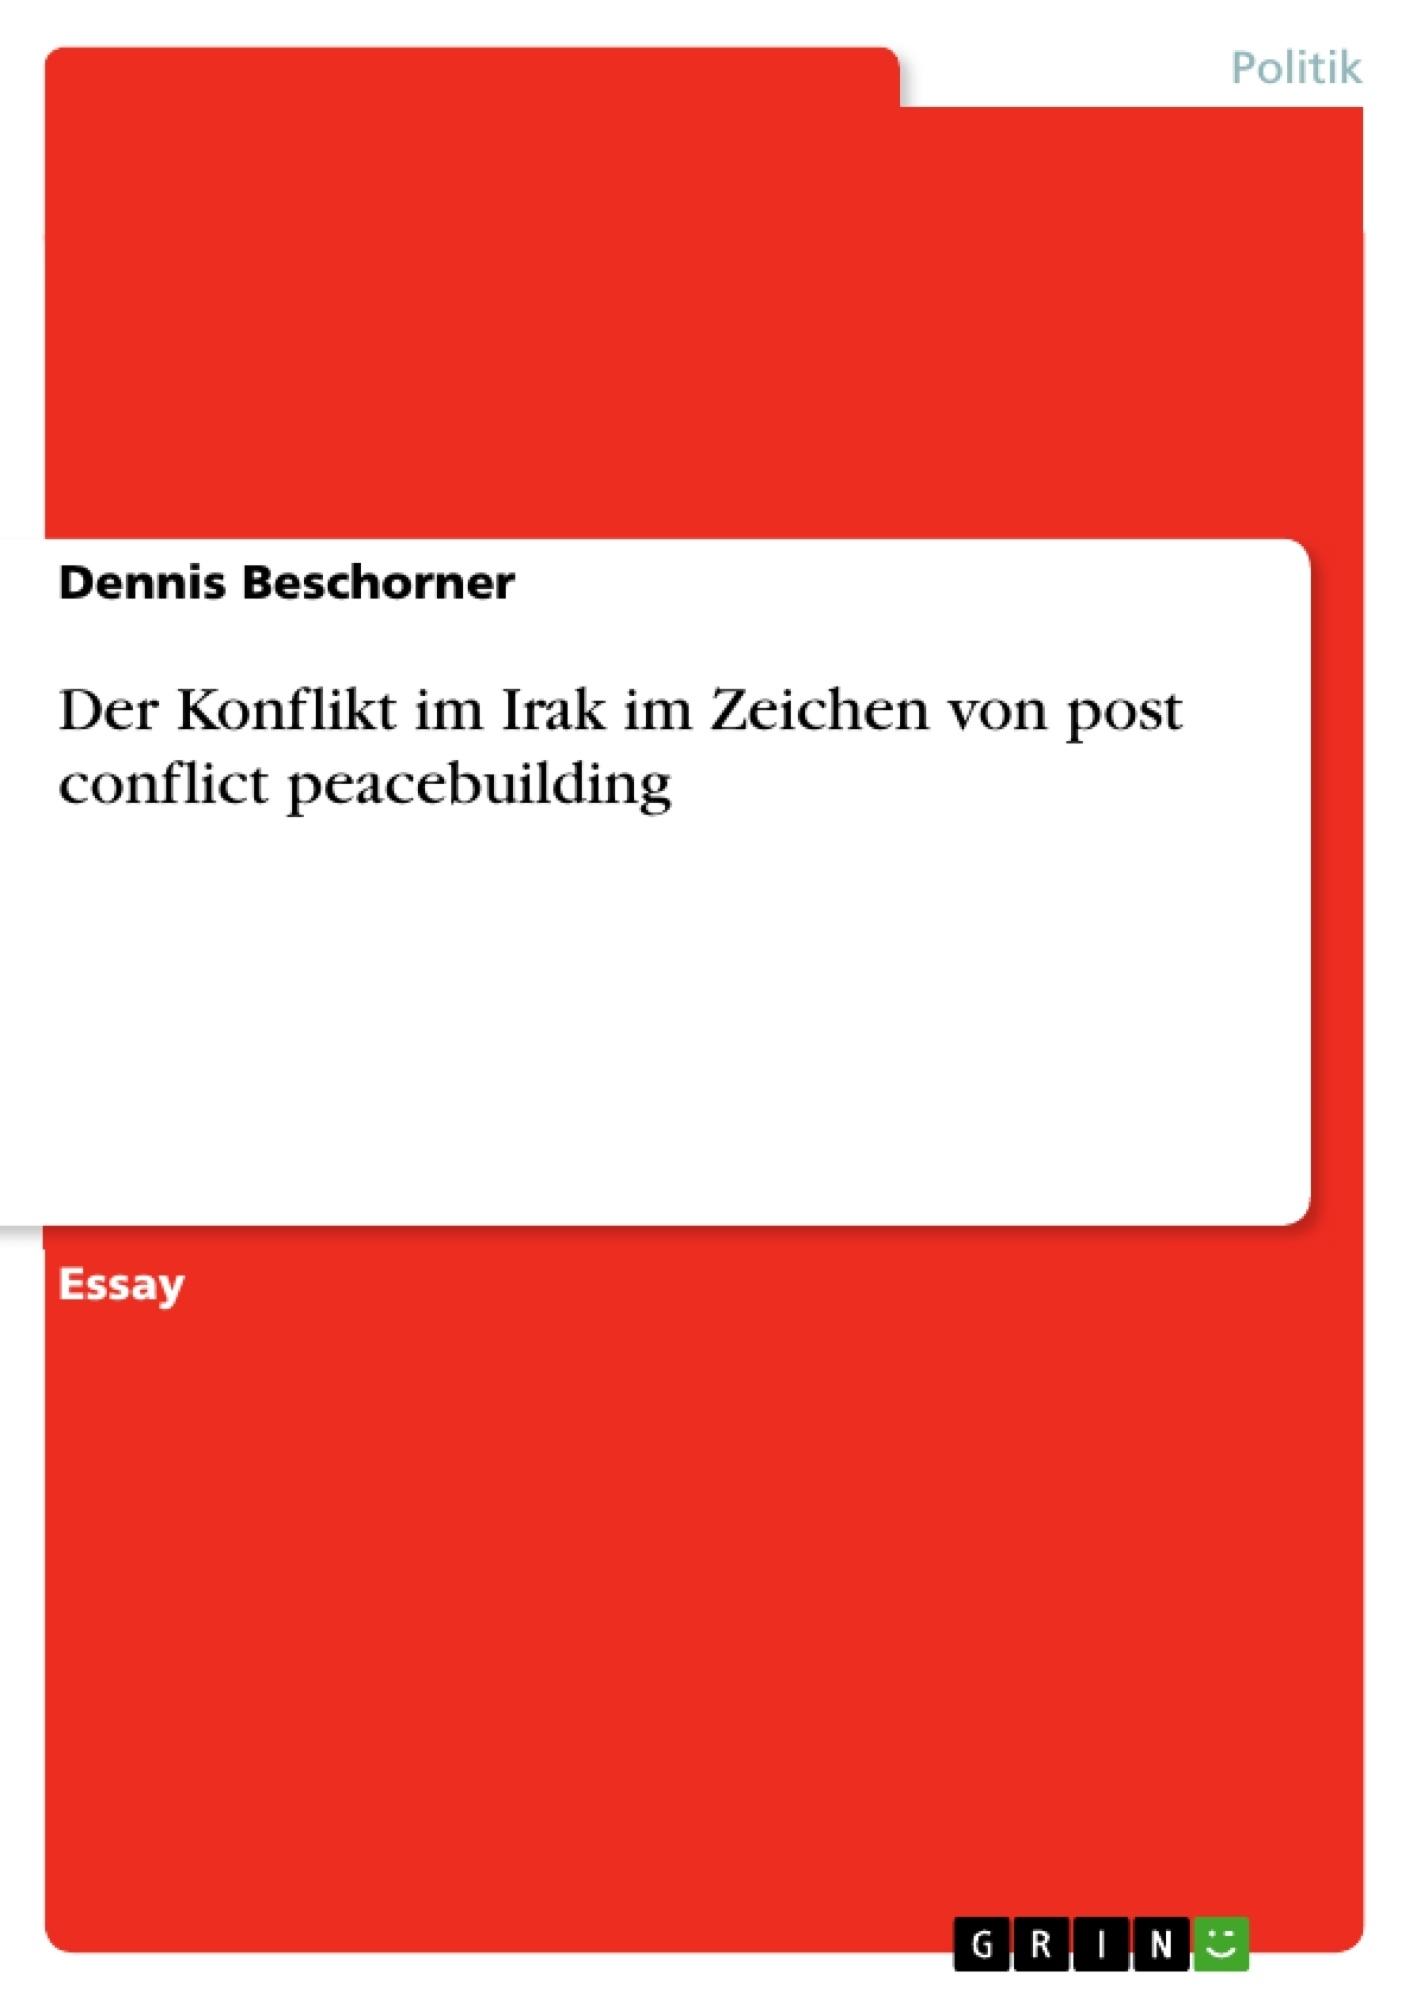 Titel: Der Konflikt im Irak im Zeichen von post conflict peacebuilding